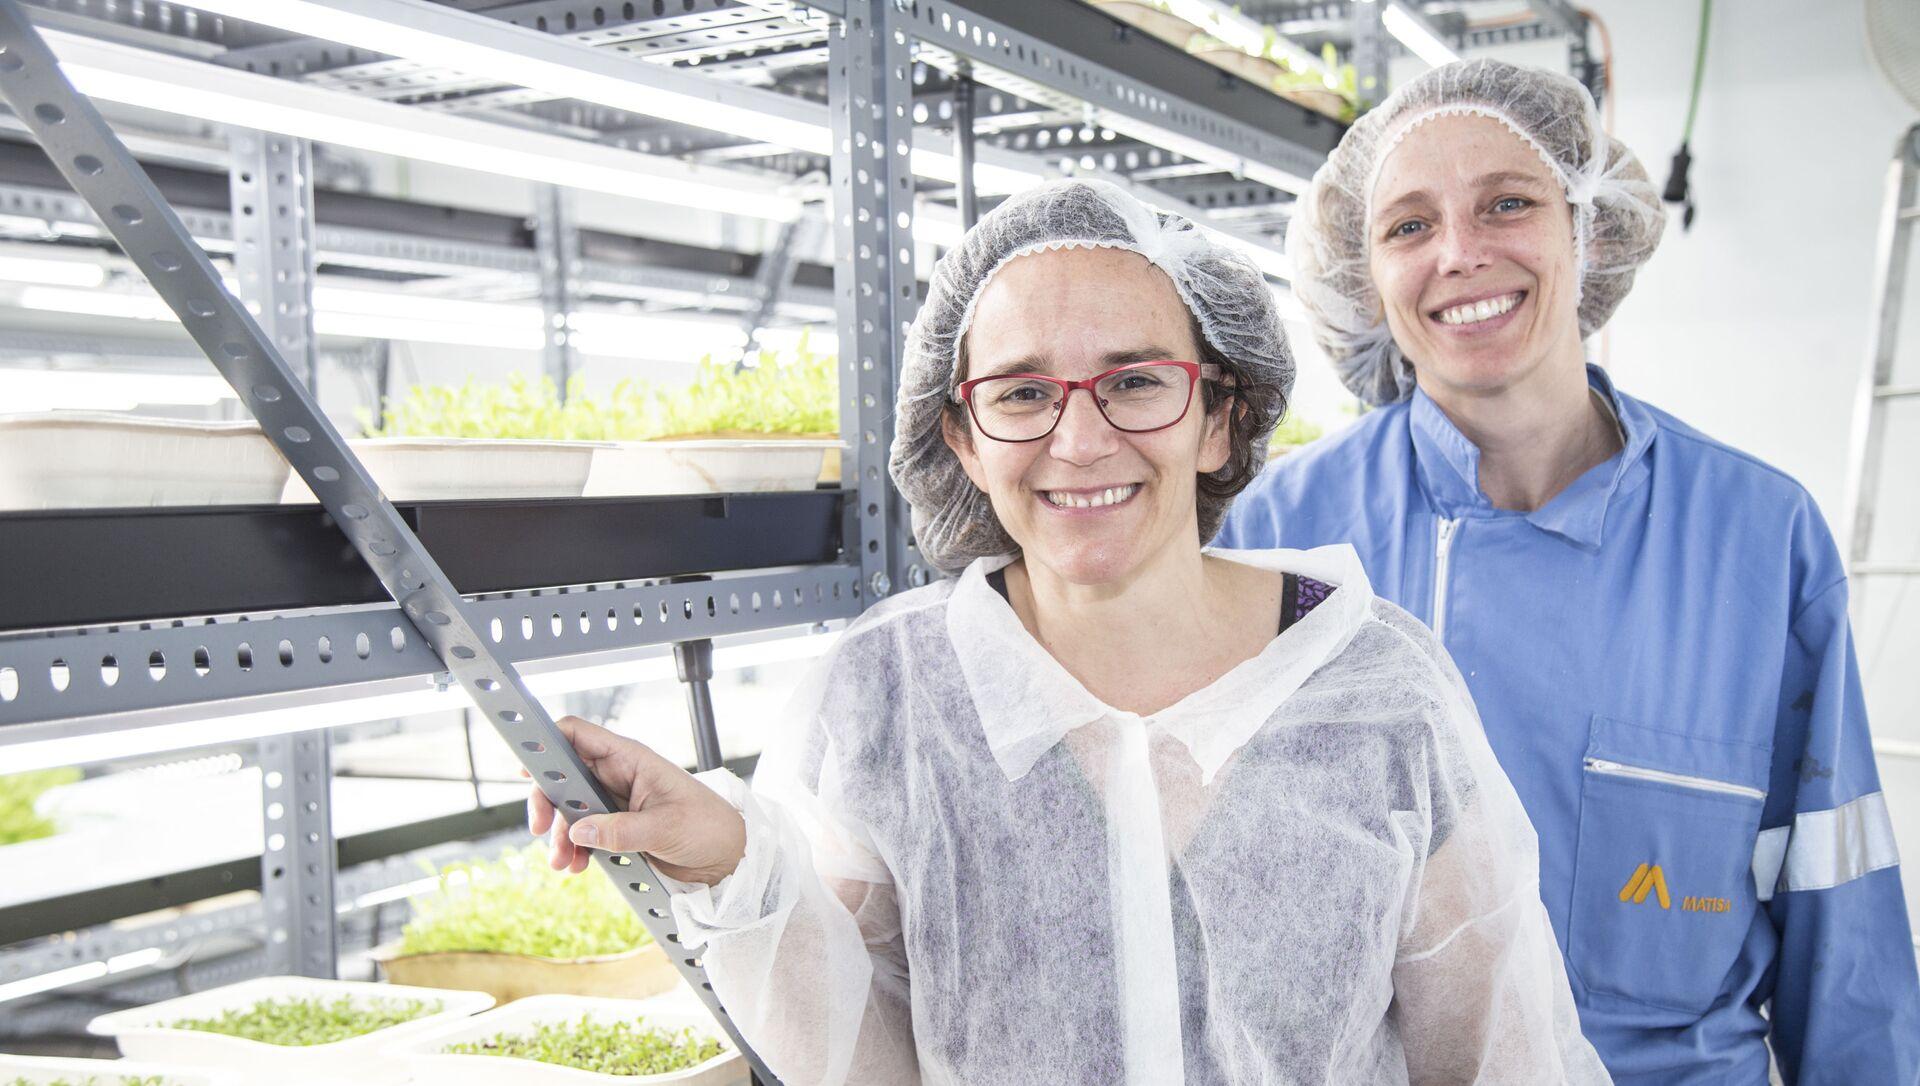 Ana y su prima Inés decidieron crear su startup Ekonoke hace cinco años y permitir a las personas cosechar su propio huerto en casa - Sputnik Mundo, 1920, 04.02.2021